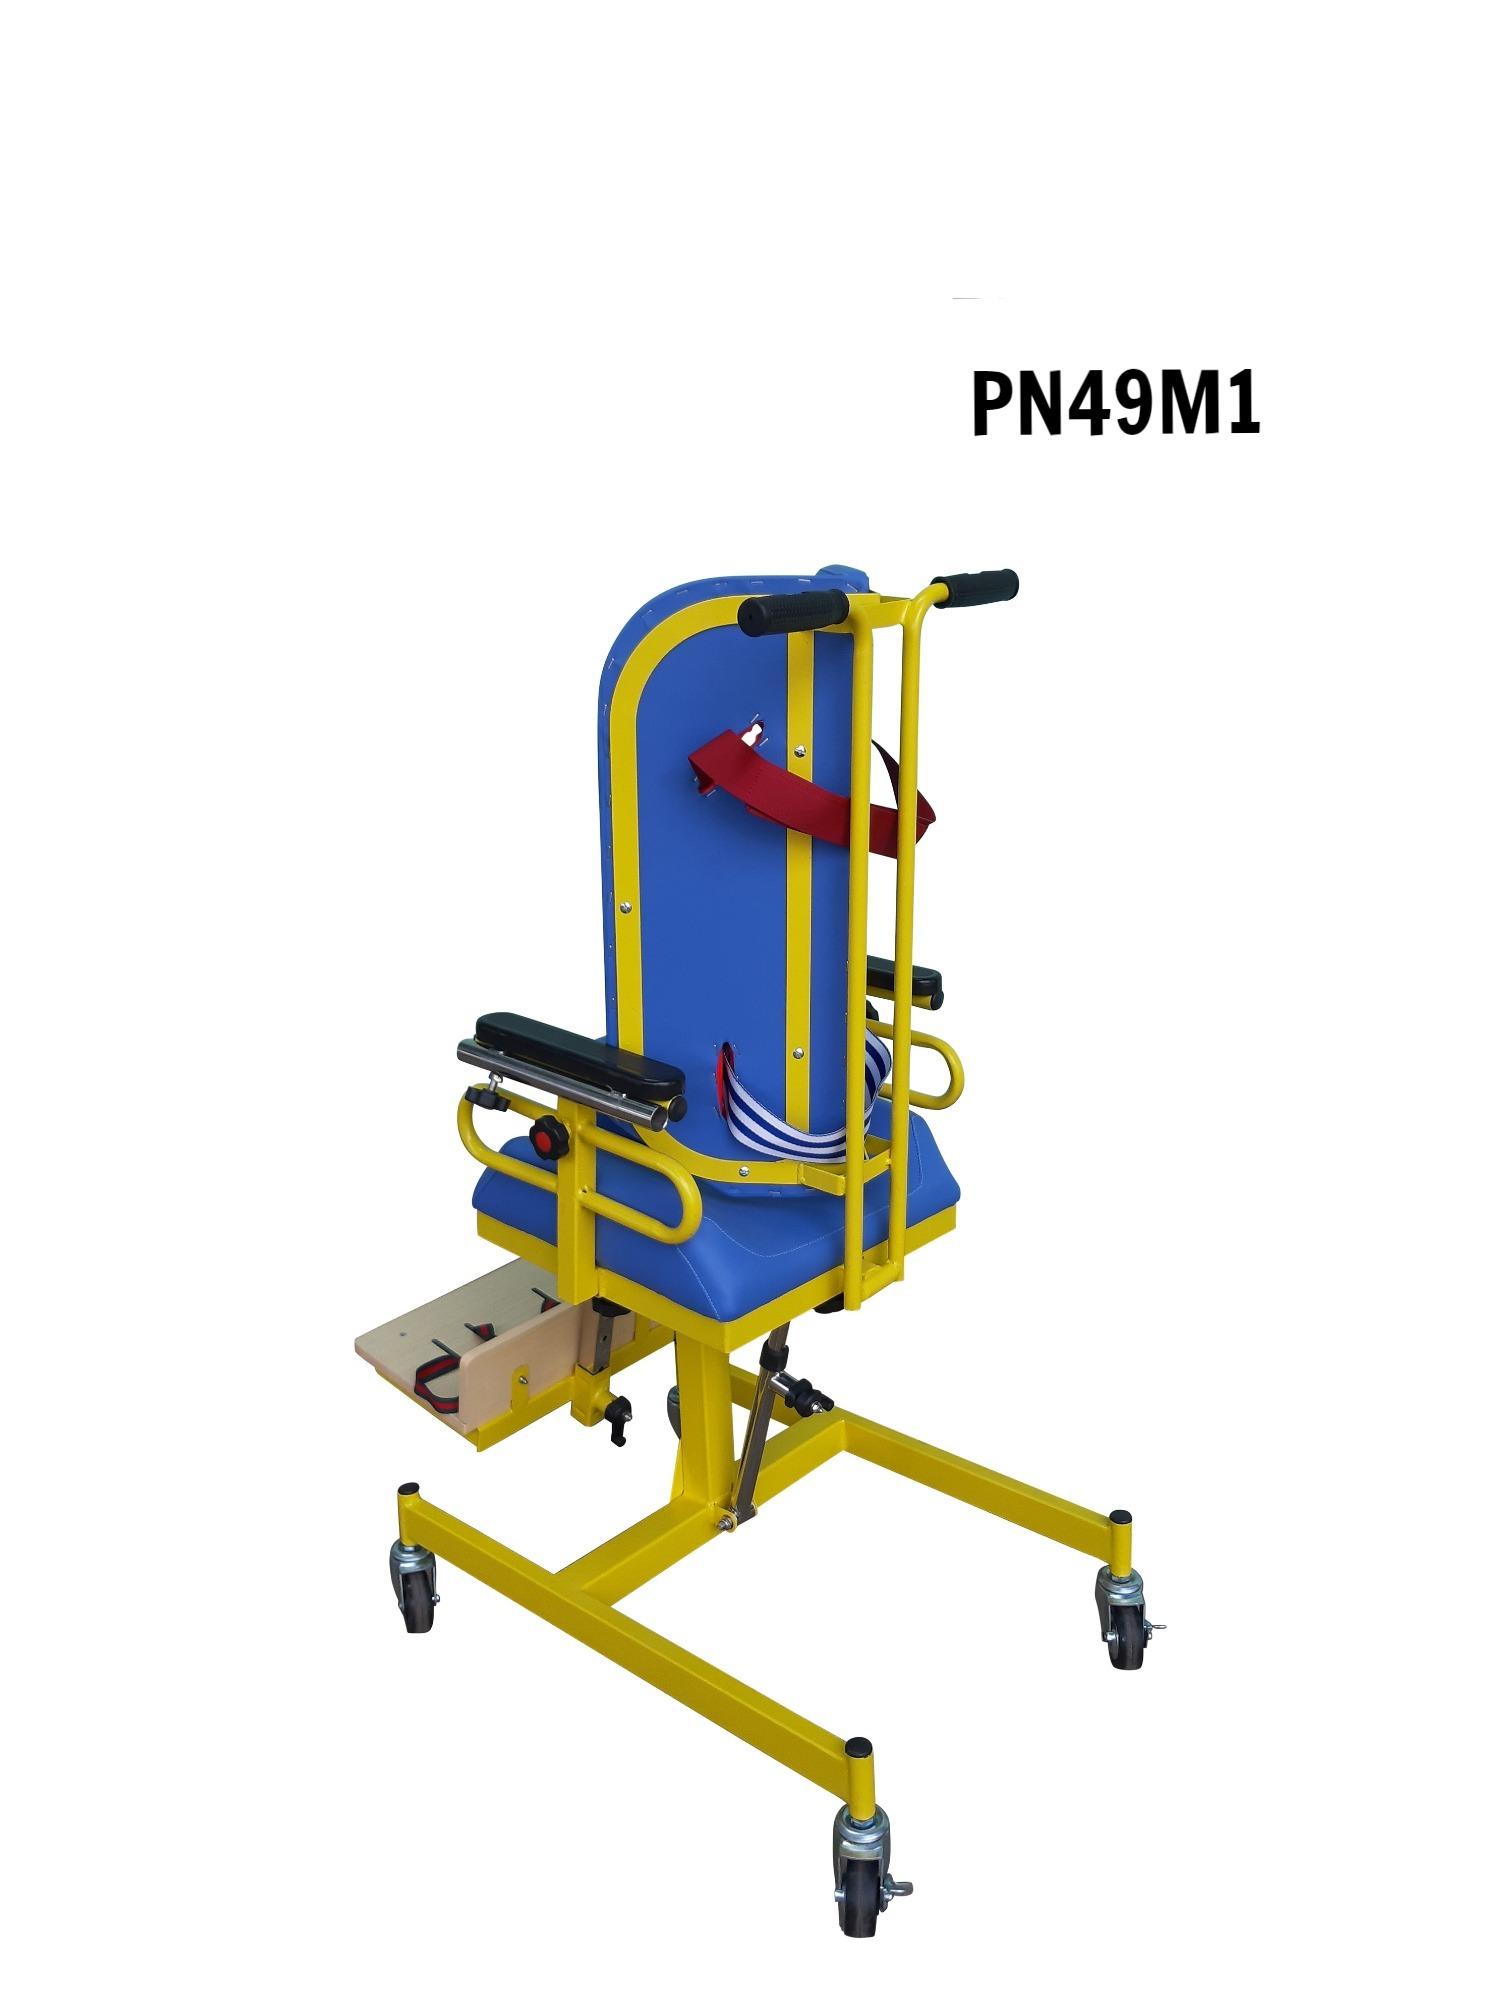 PN49M1 - Ghế ngồi khuyết tật tam giác ngã nằm M1